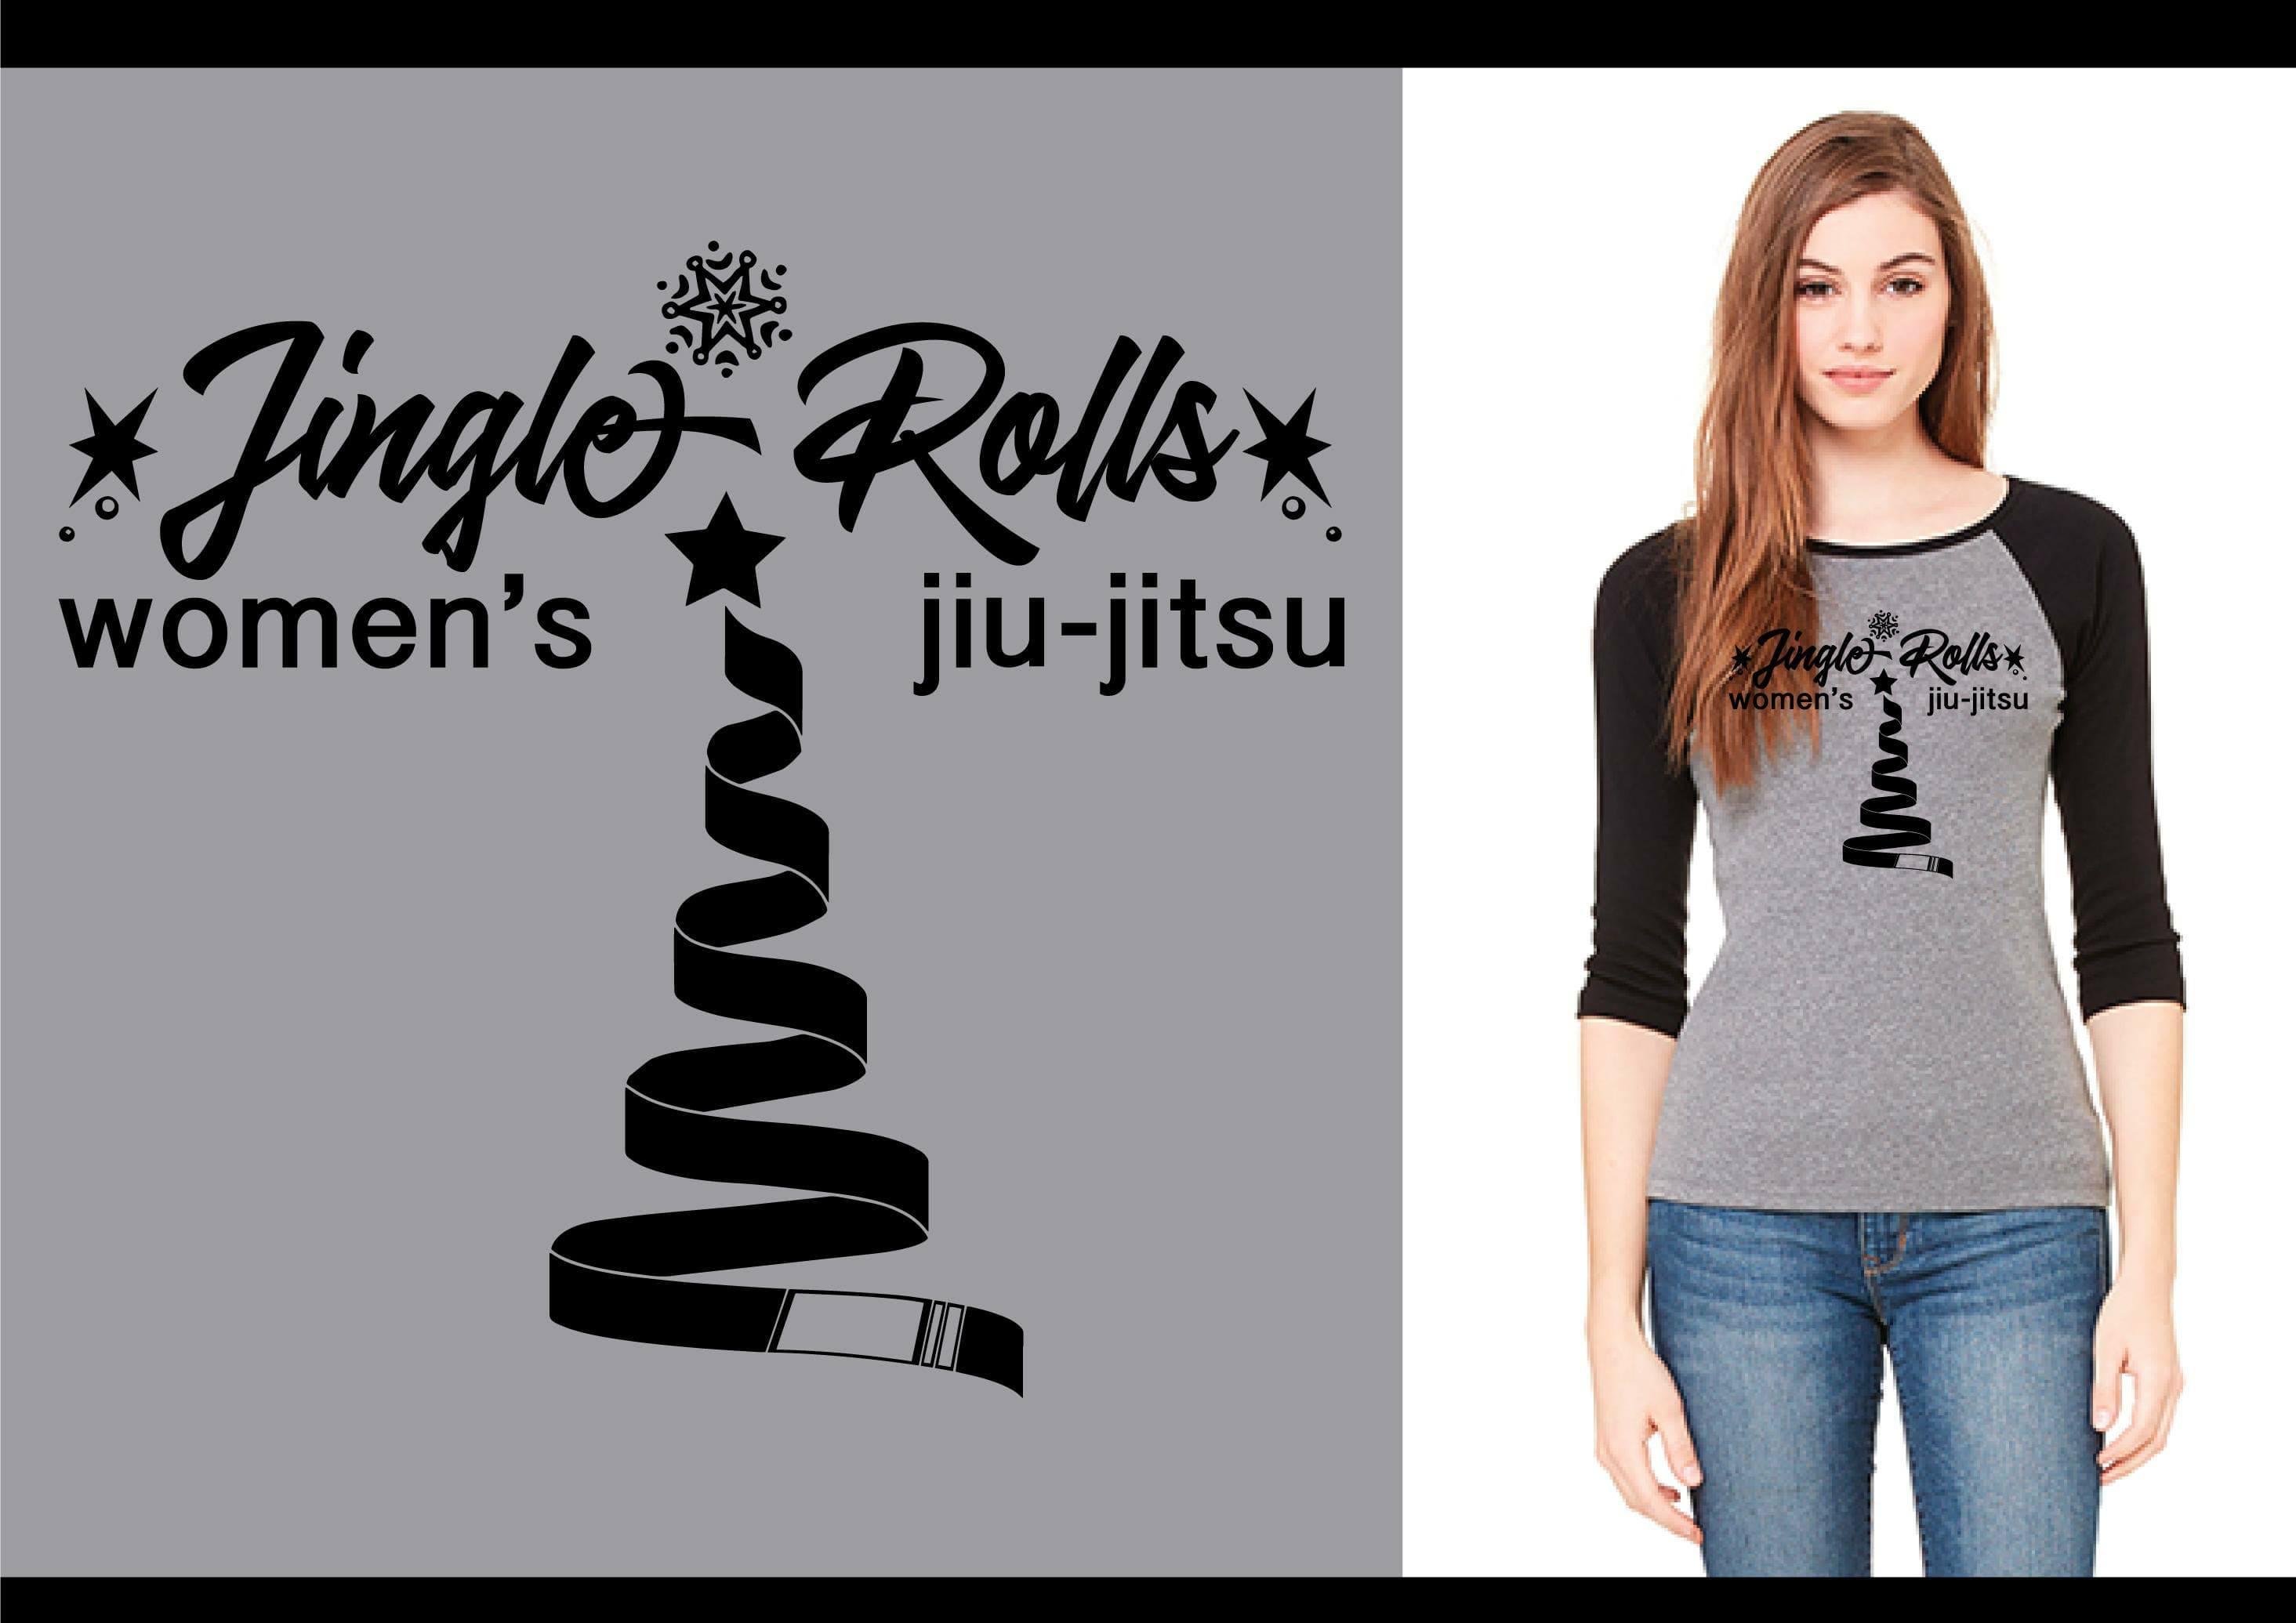 Lets Roll Women's Only Jiujitsu - Jingle Rolls Tee